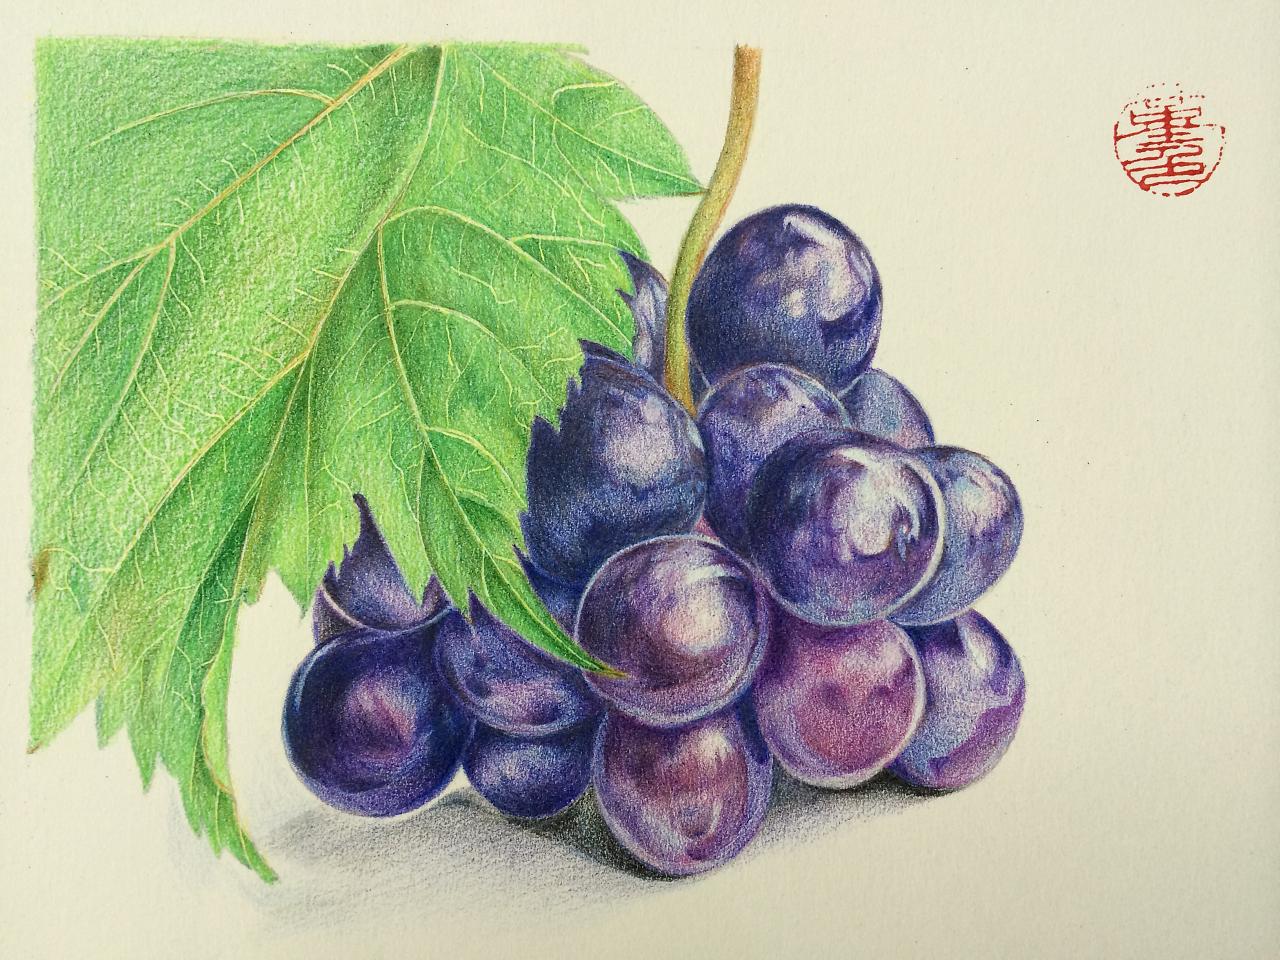 彩铅手绘图片水果